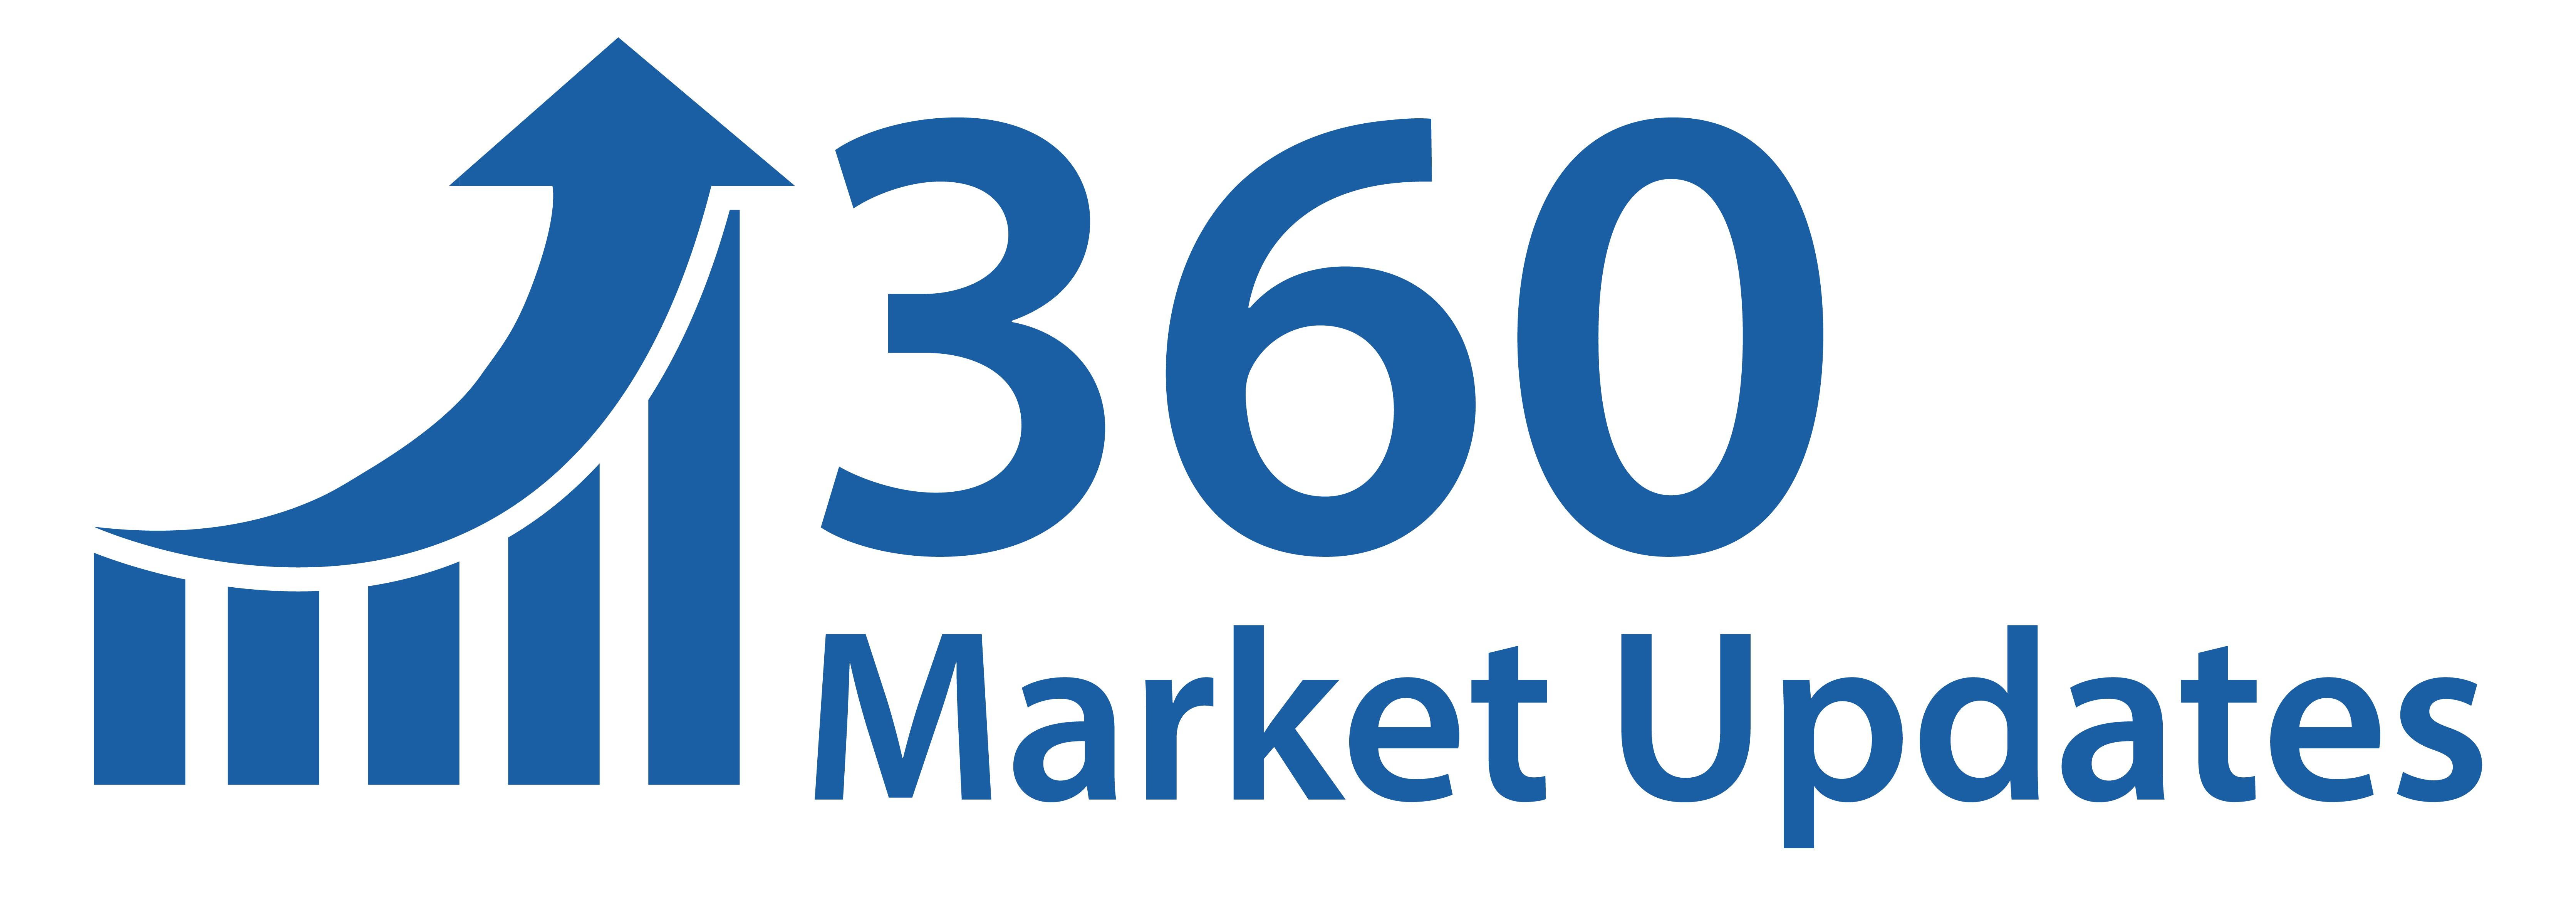 Mostrar controlador y Touch IC Market 2020 Tamaño de la industria, Tendencias futuras, Factores clave de crecimiento, Demanda, Acciones de negocio, Ventas e ingresos, Jugadores de fabricación, Aplicación, Alcance, y Análisis de Oportunidades por Outlook – 2025